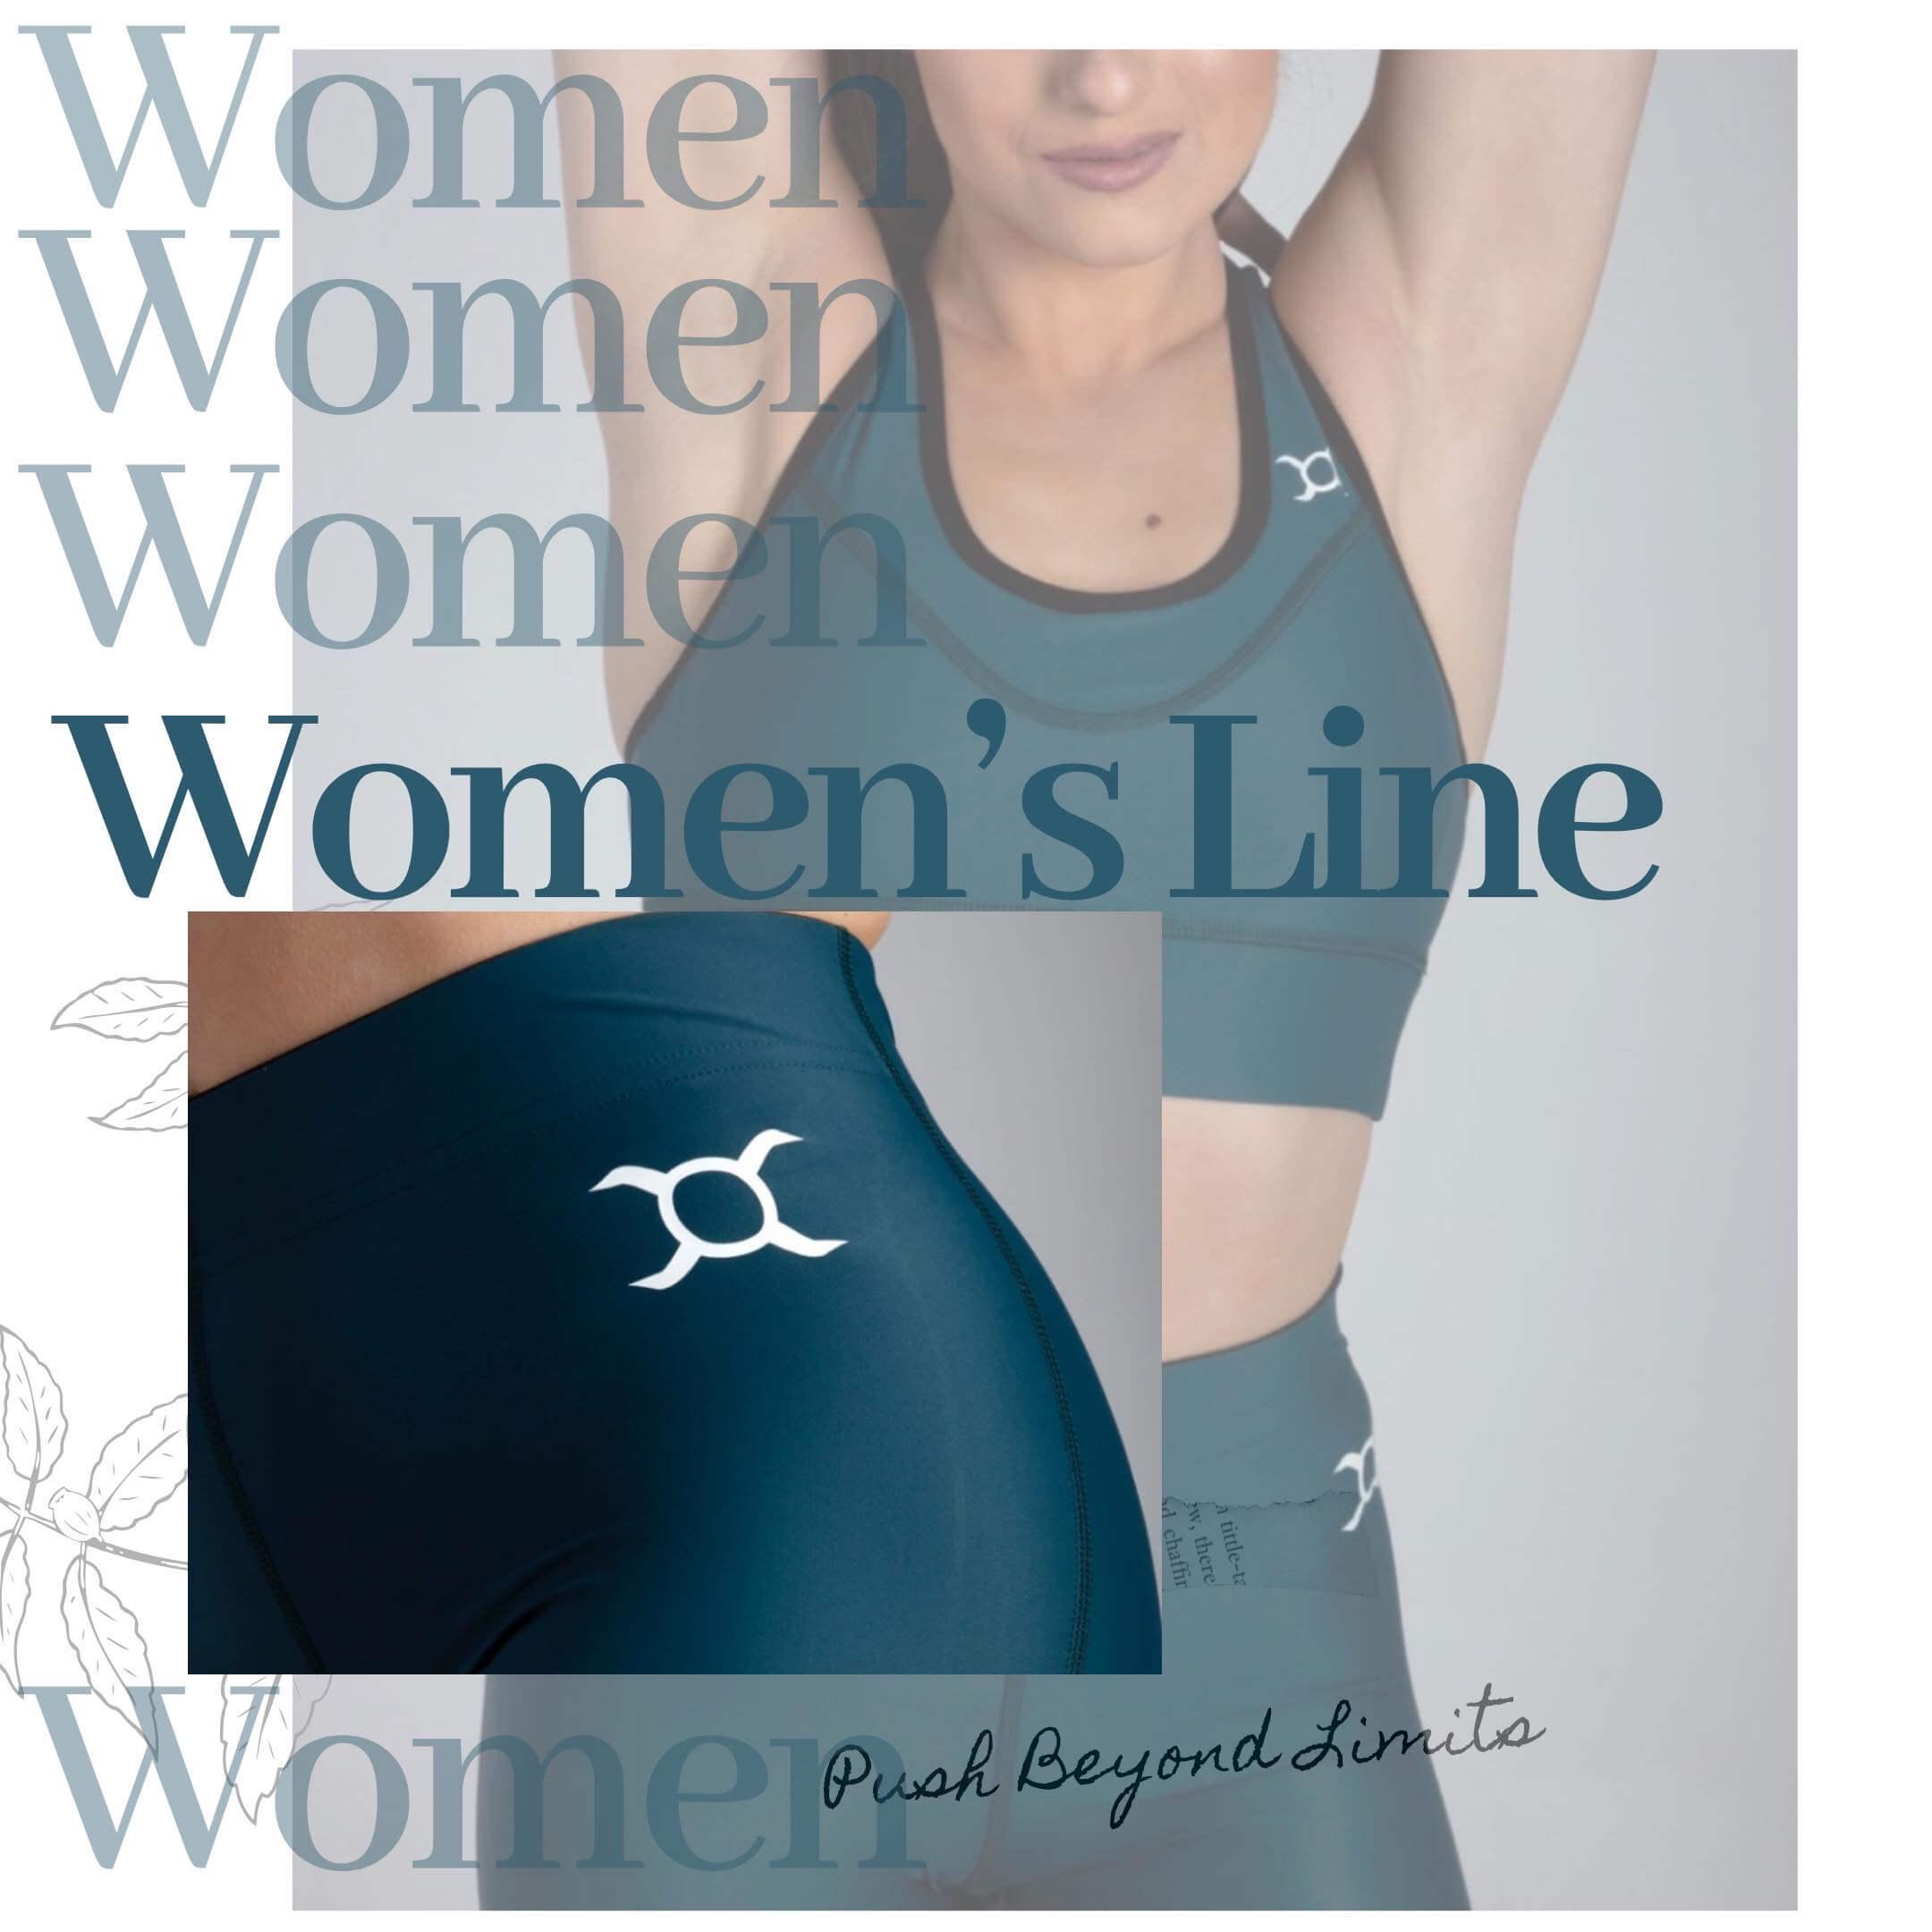 una mujer lleva ropa deportiva